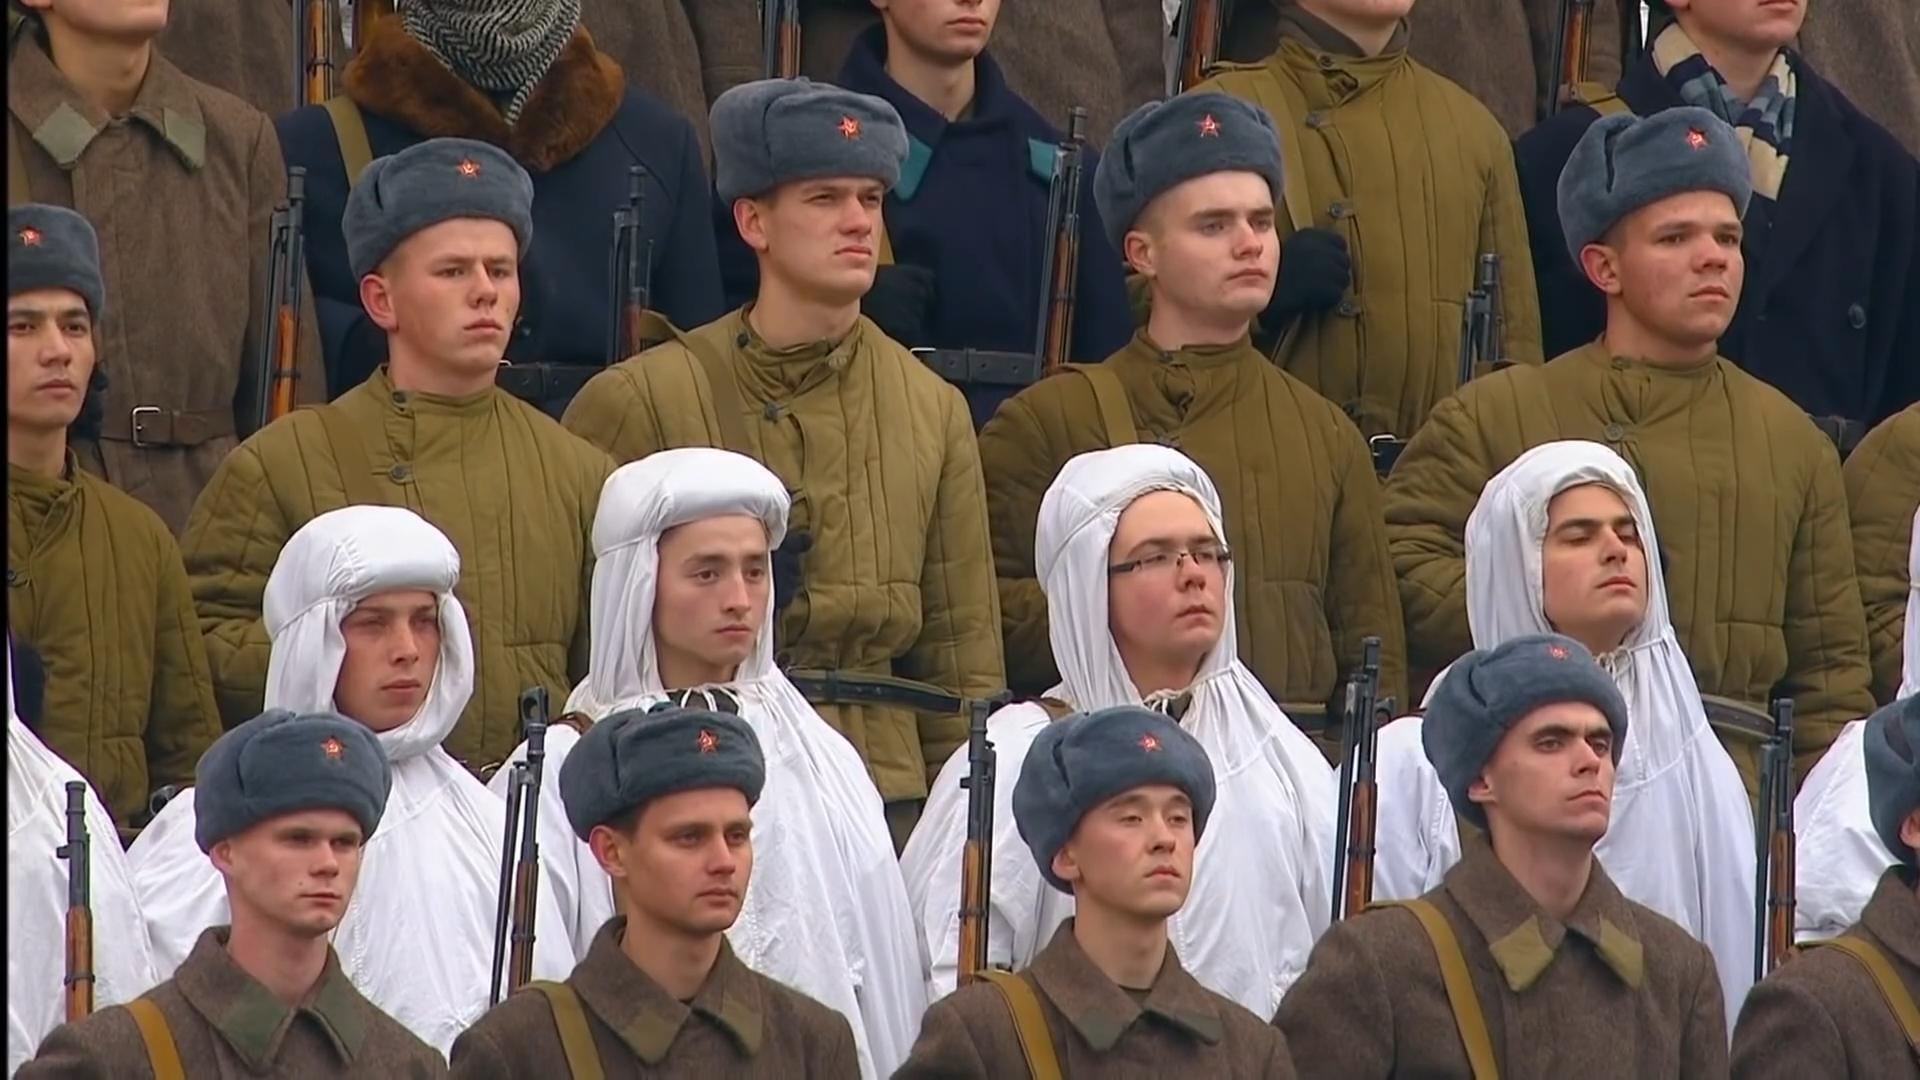 58-Марш в честь годовщины парада на Красной площади 1941-го года в Москве. Прямая трансляция